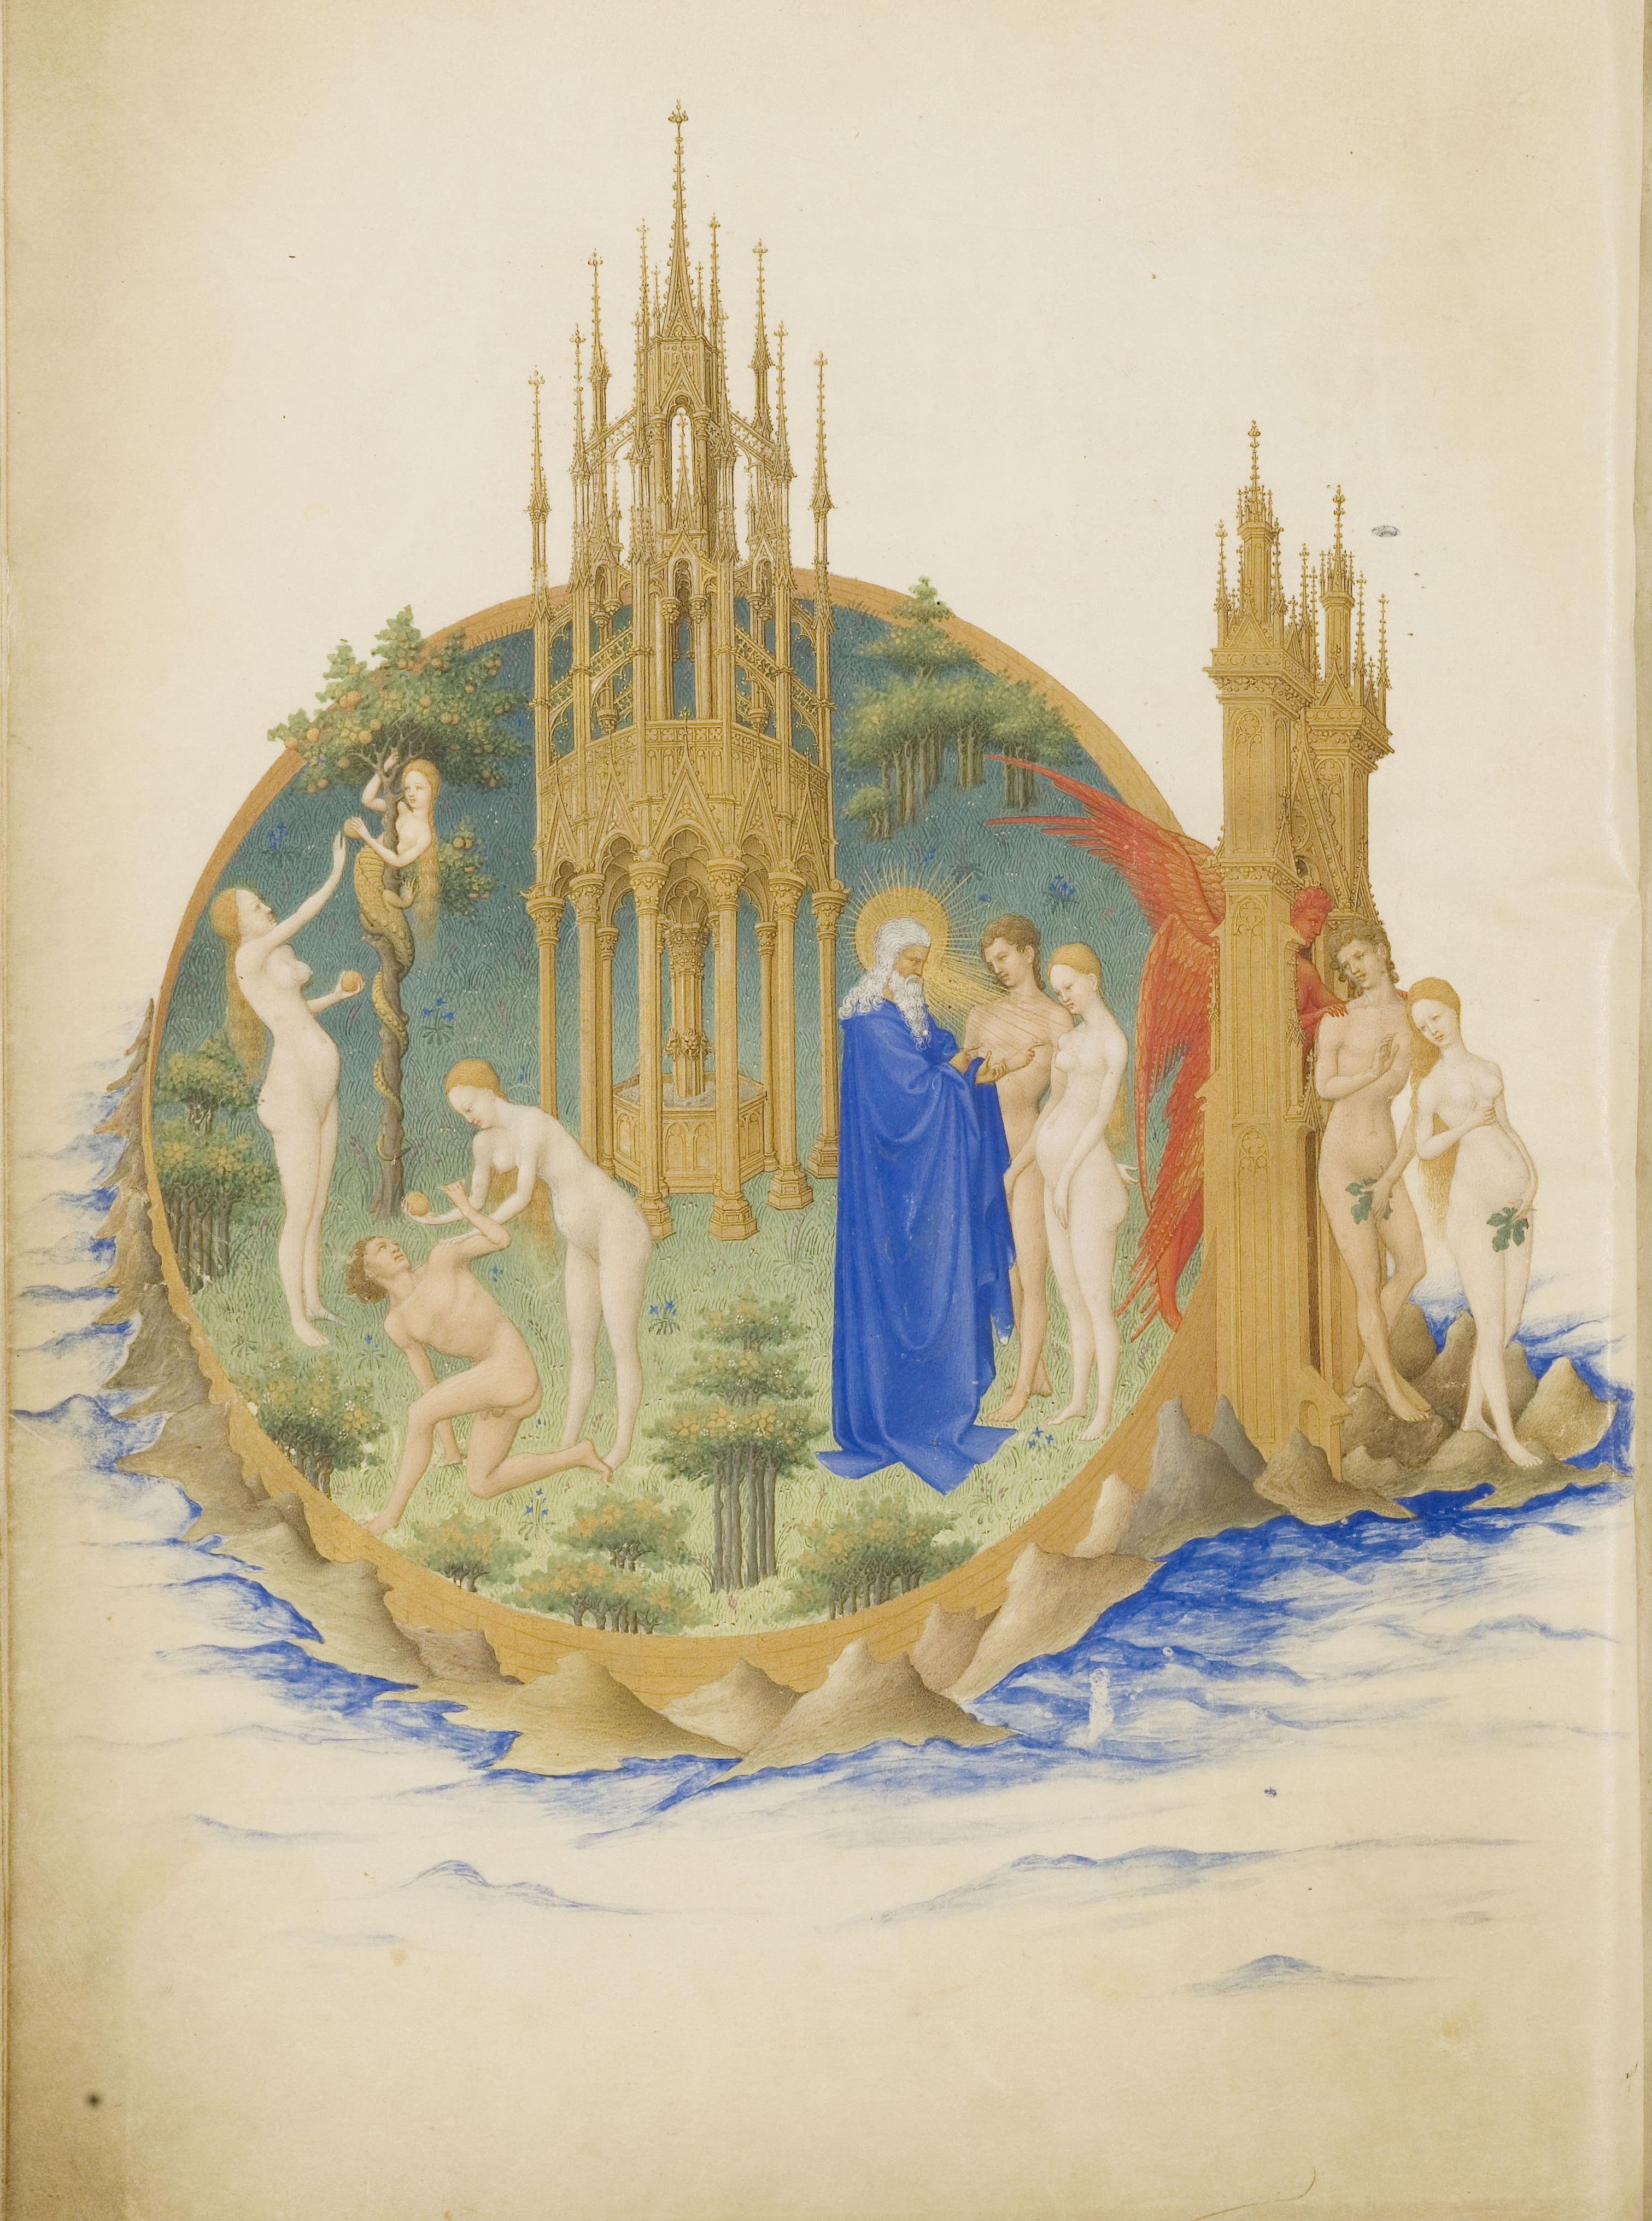 File:Folio 25v   The Garden Of Eden